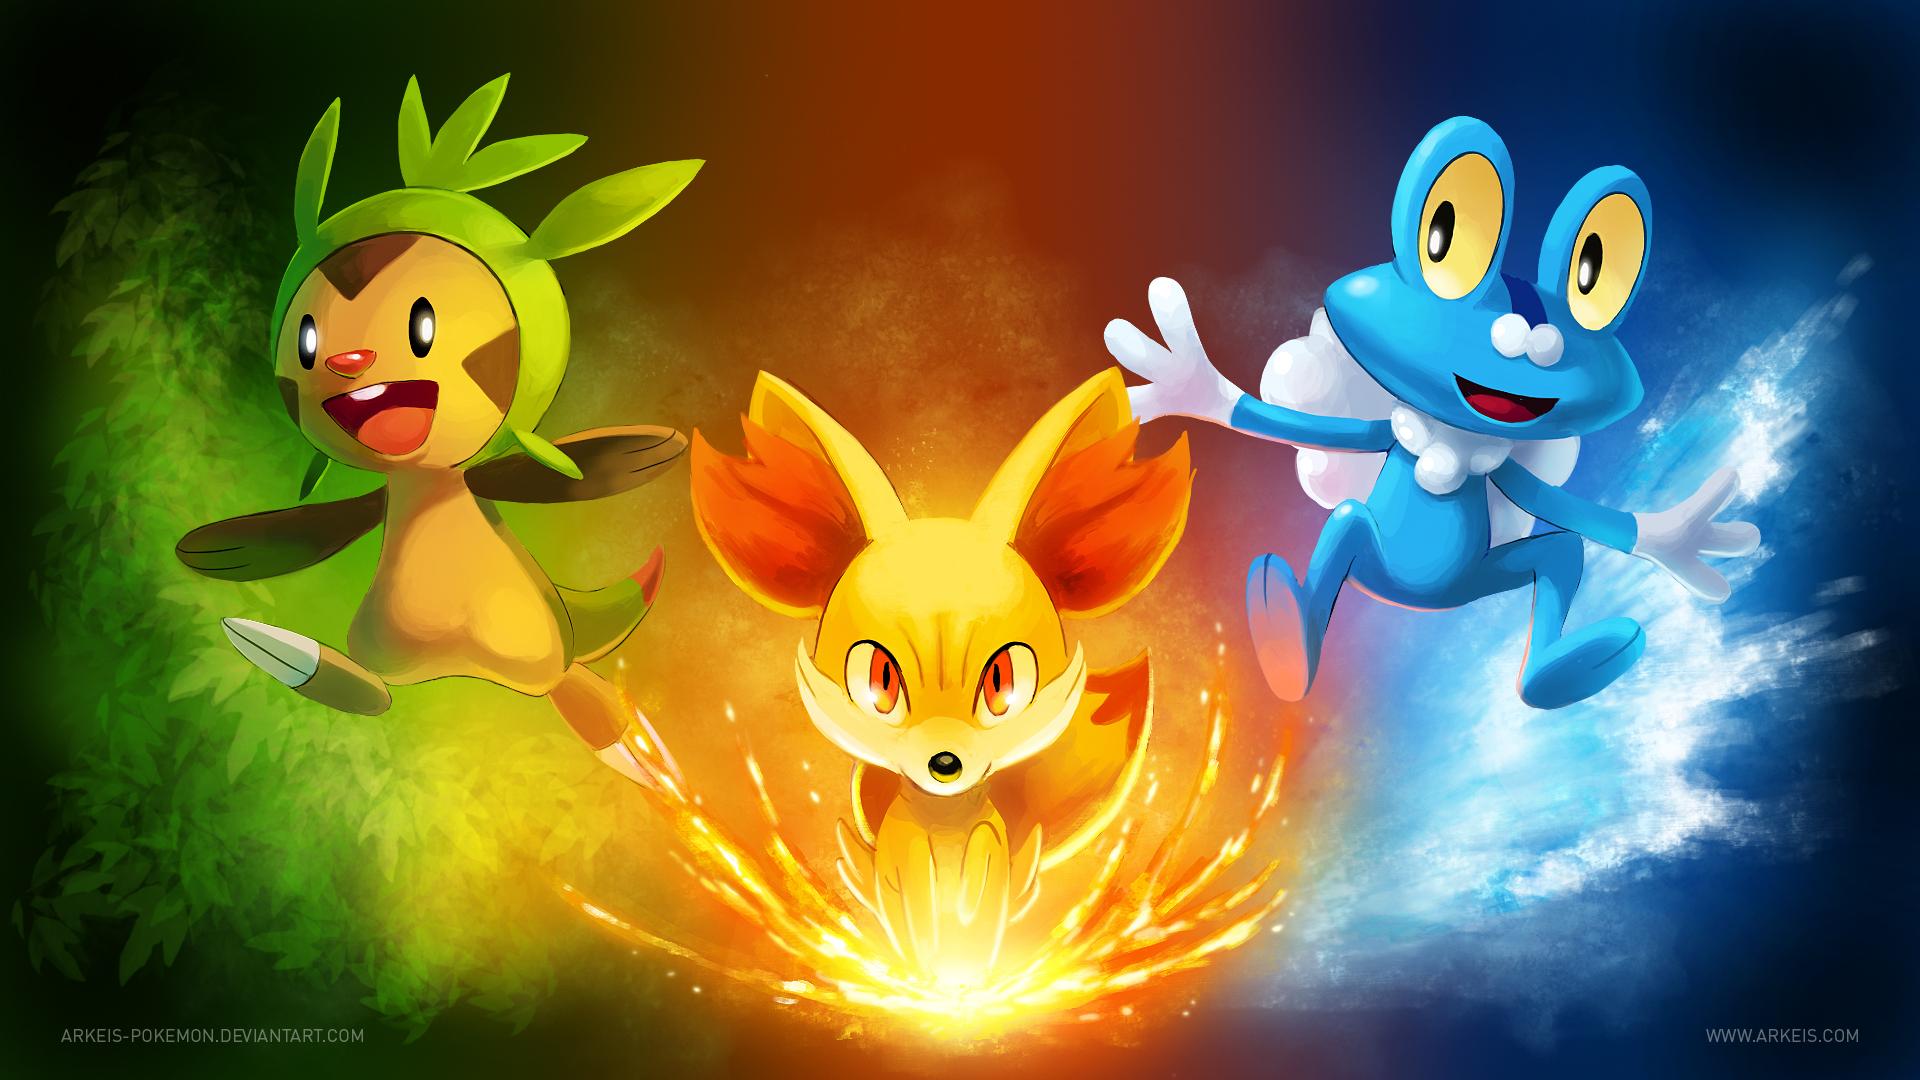 [Wallpaper] Pokemon X/Y Starters